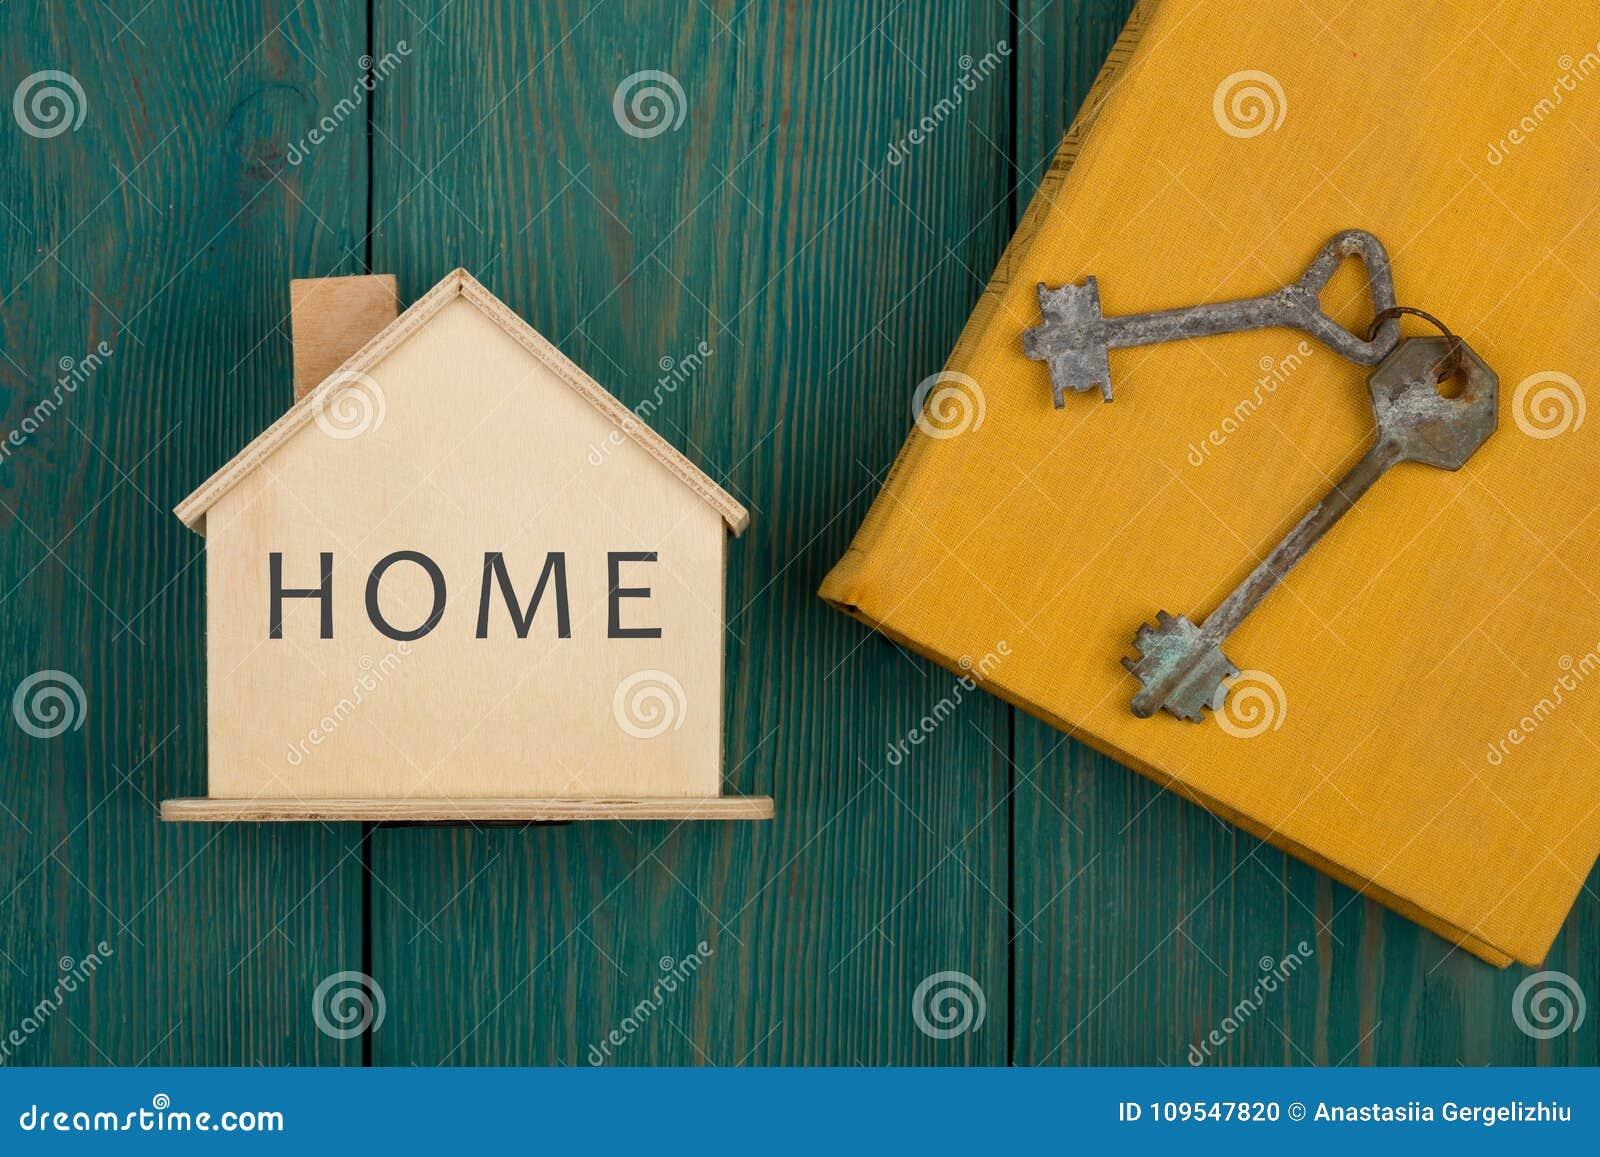 λίγο σπίτι με το κείμενο & x22 Home& x22 , βιβλίο και κλειδιά